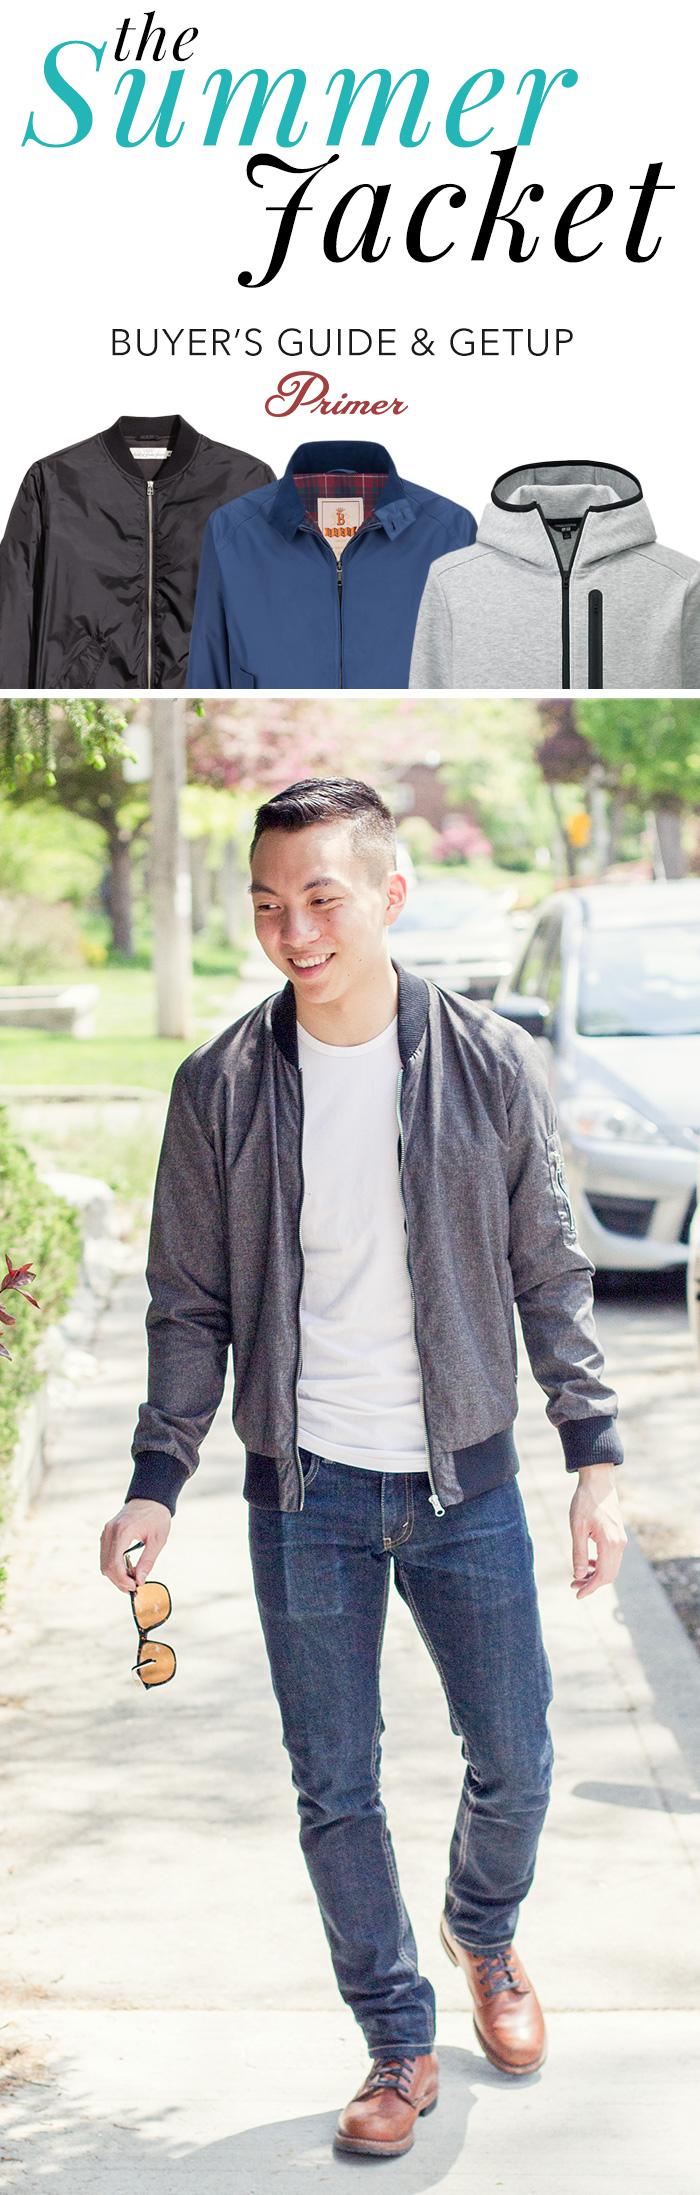 Men's Summer Jacket Buyer's Guide & Getup